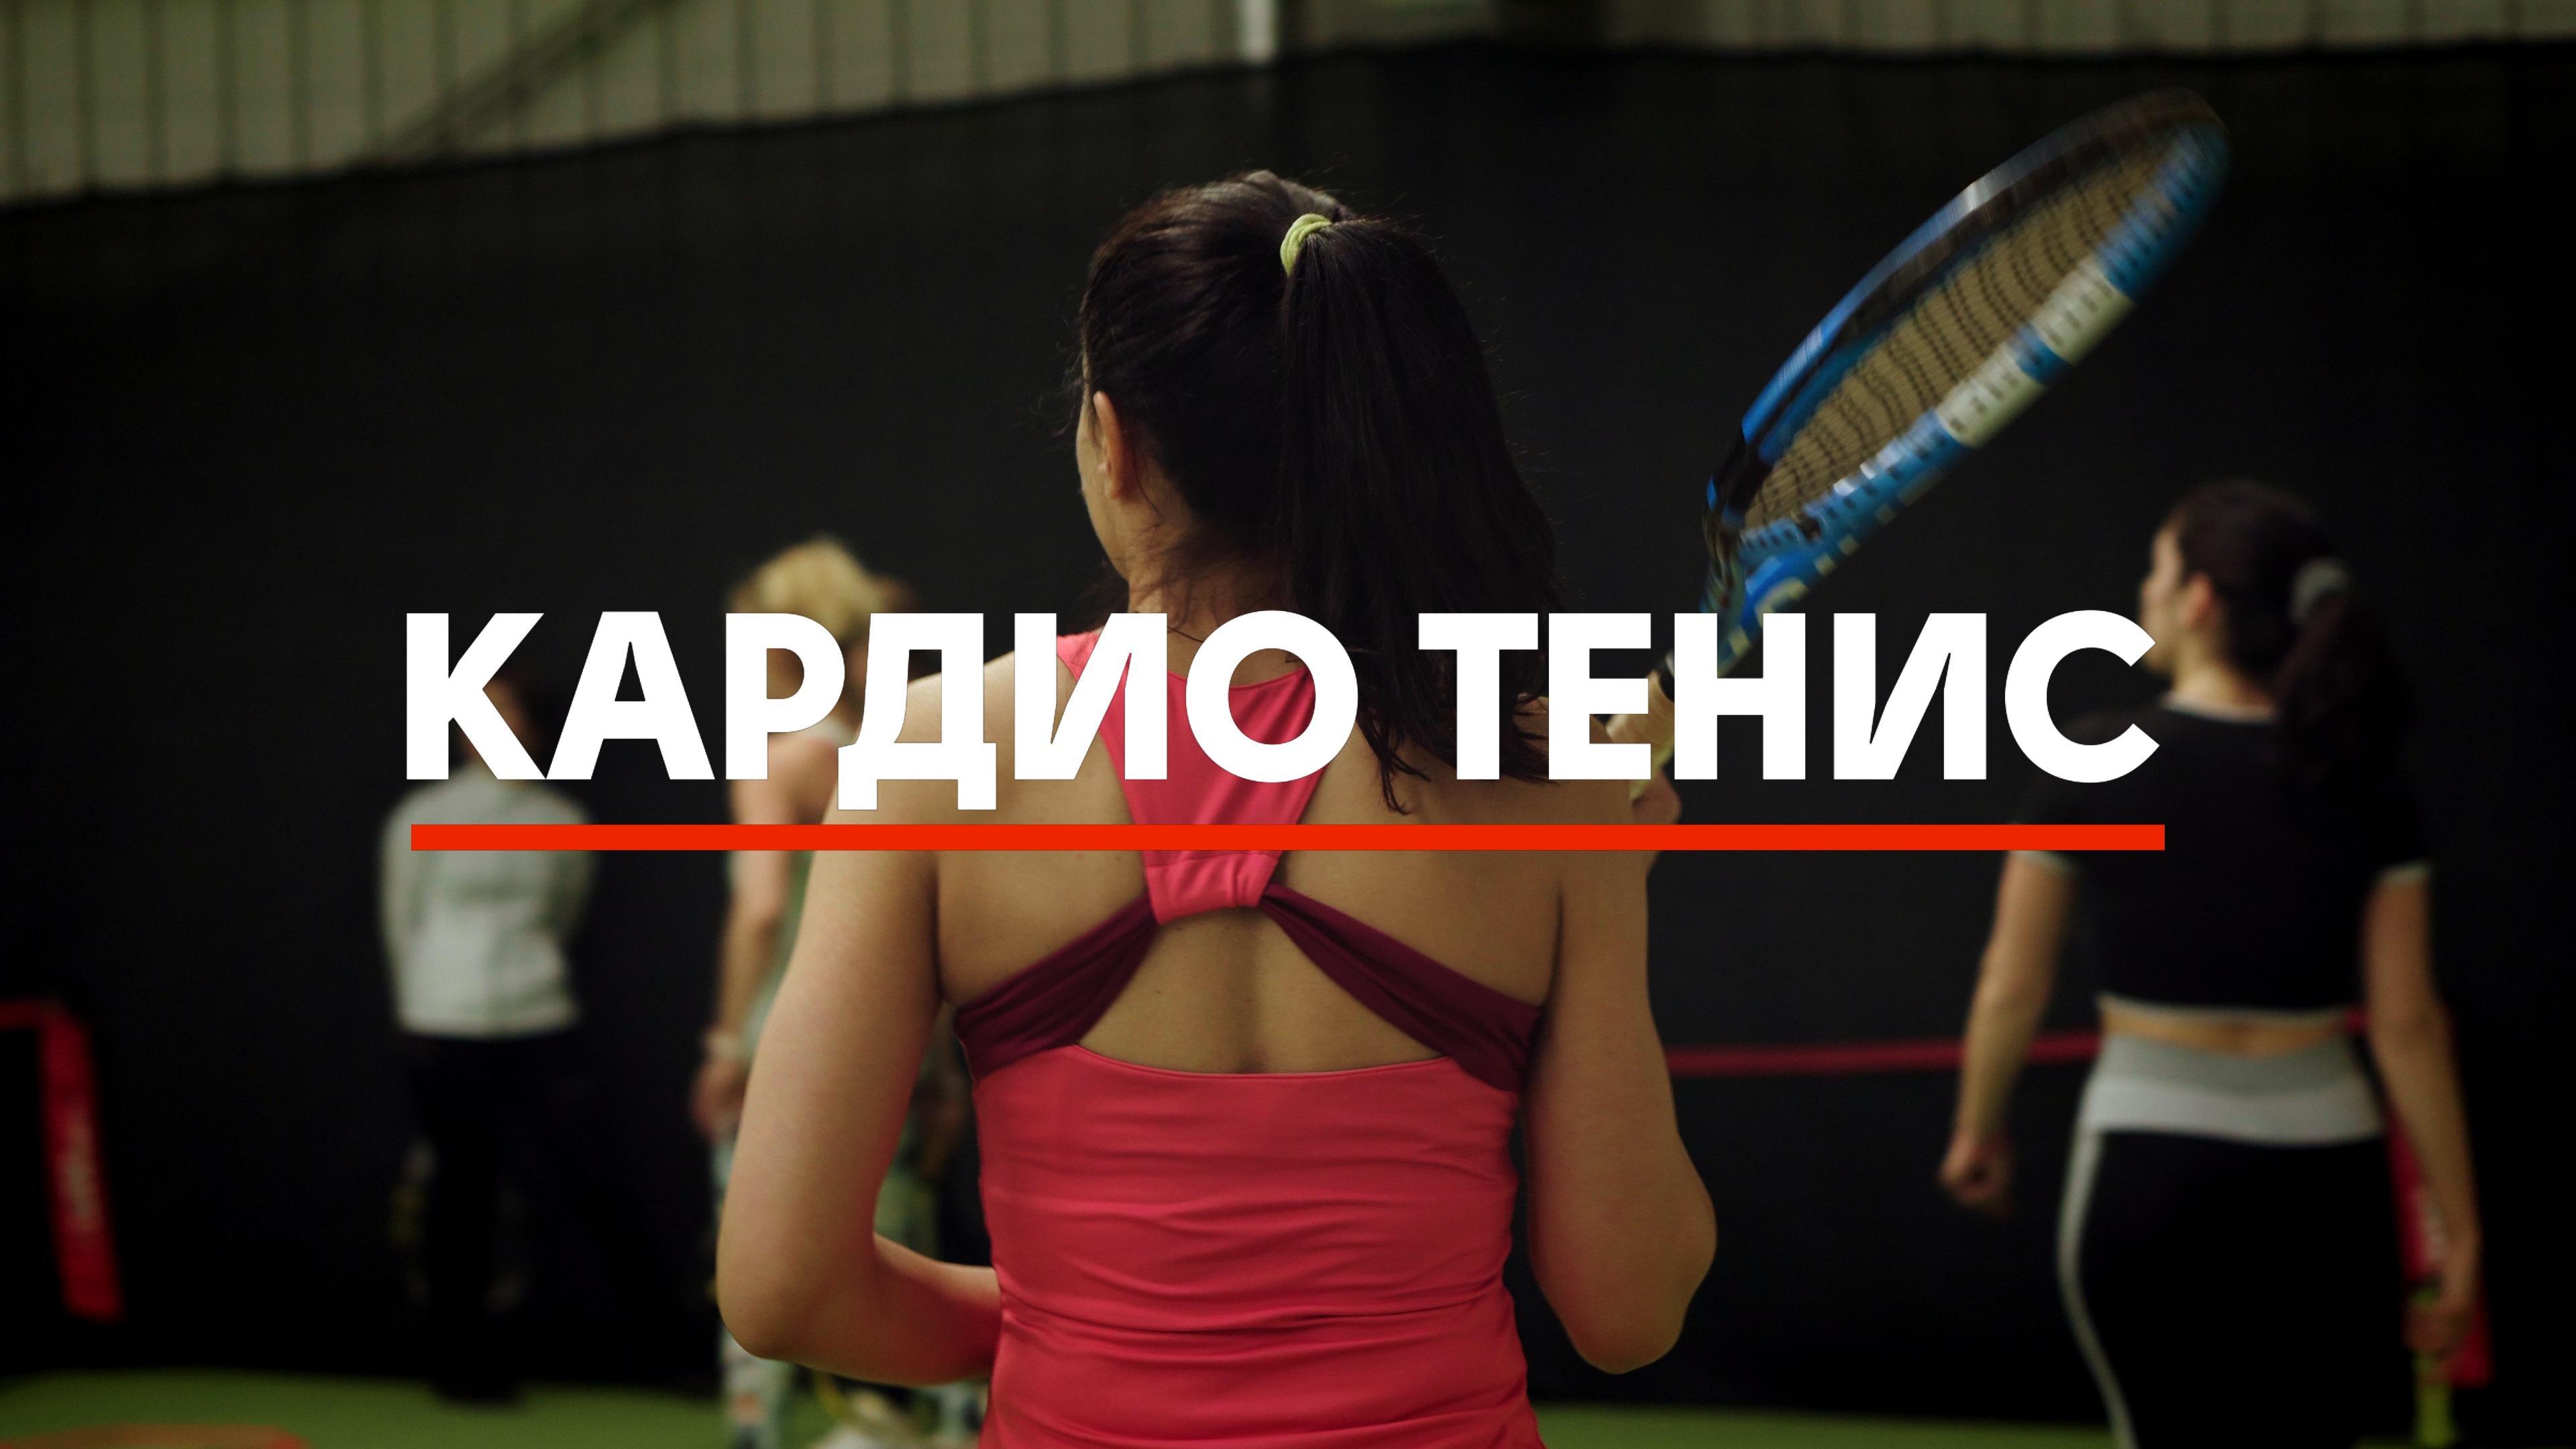 Кардио тенис